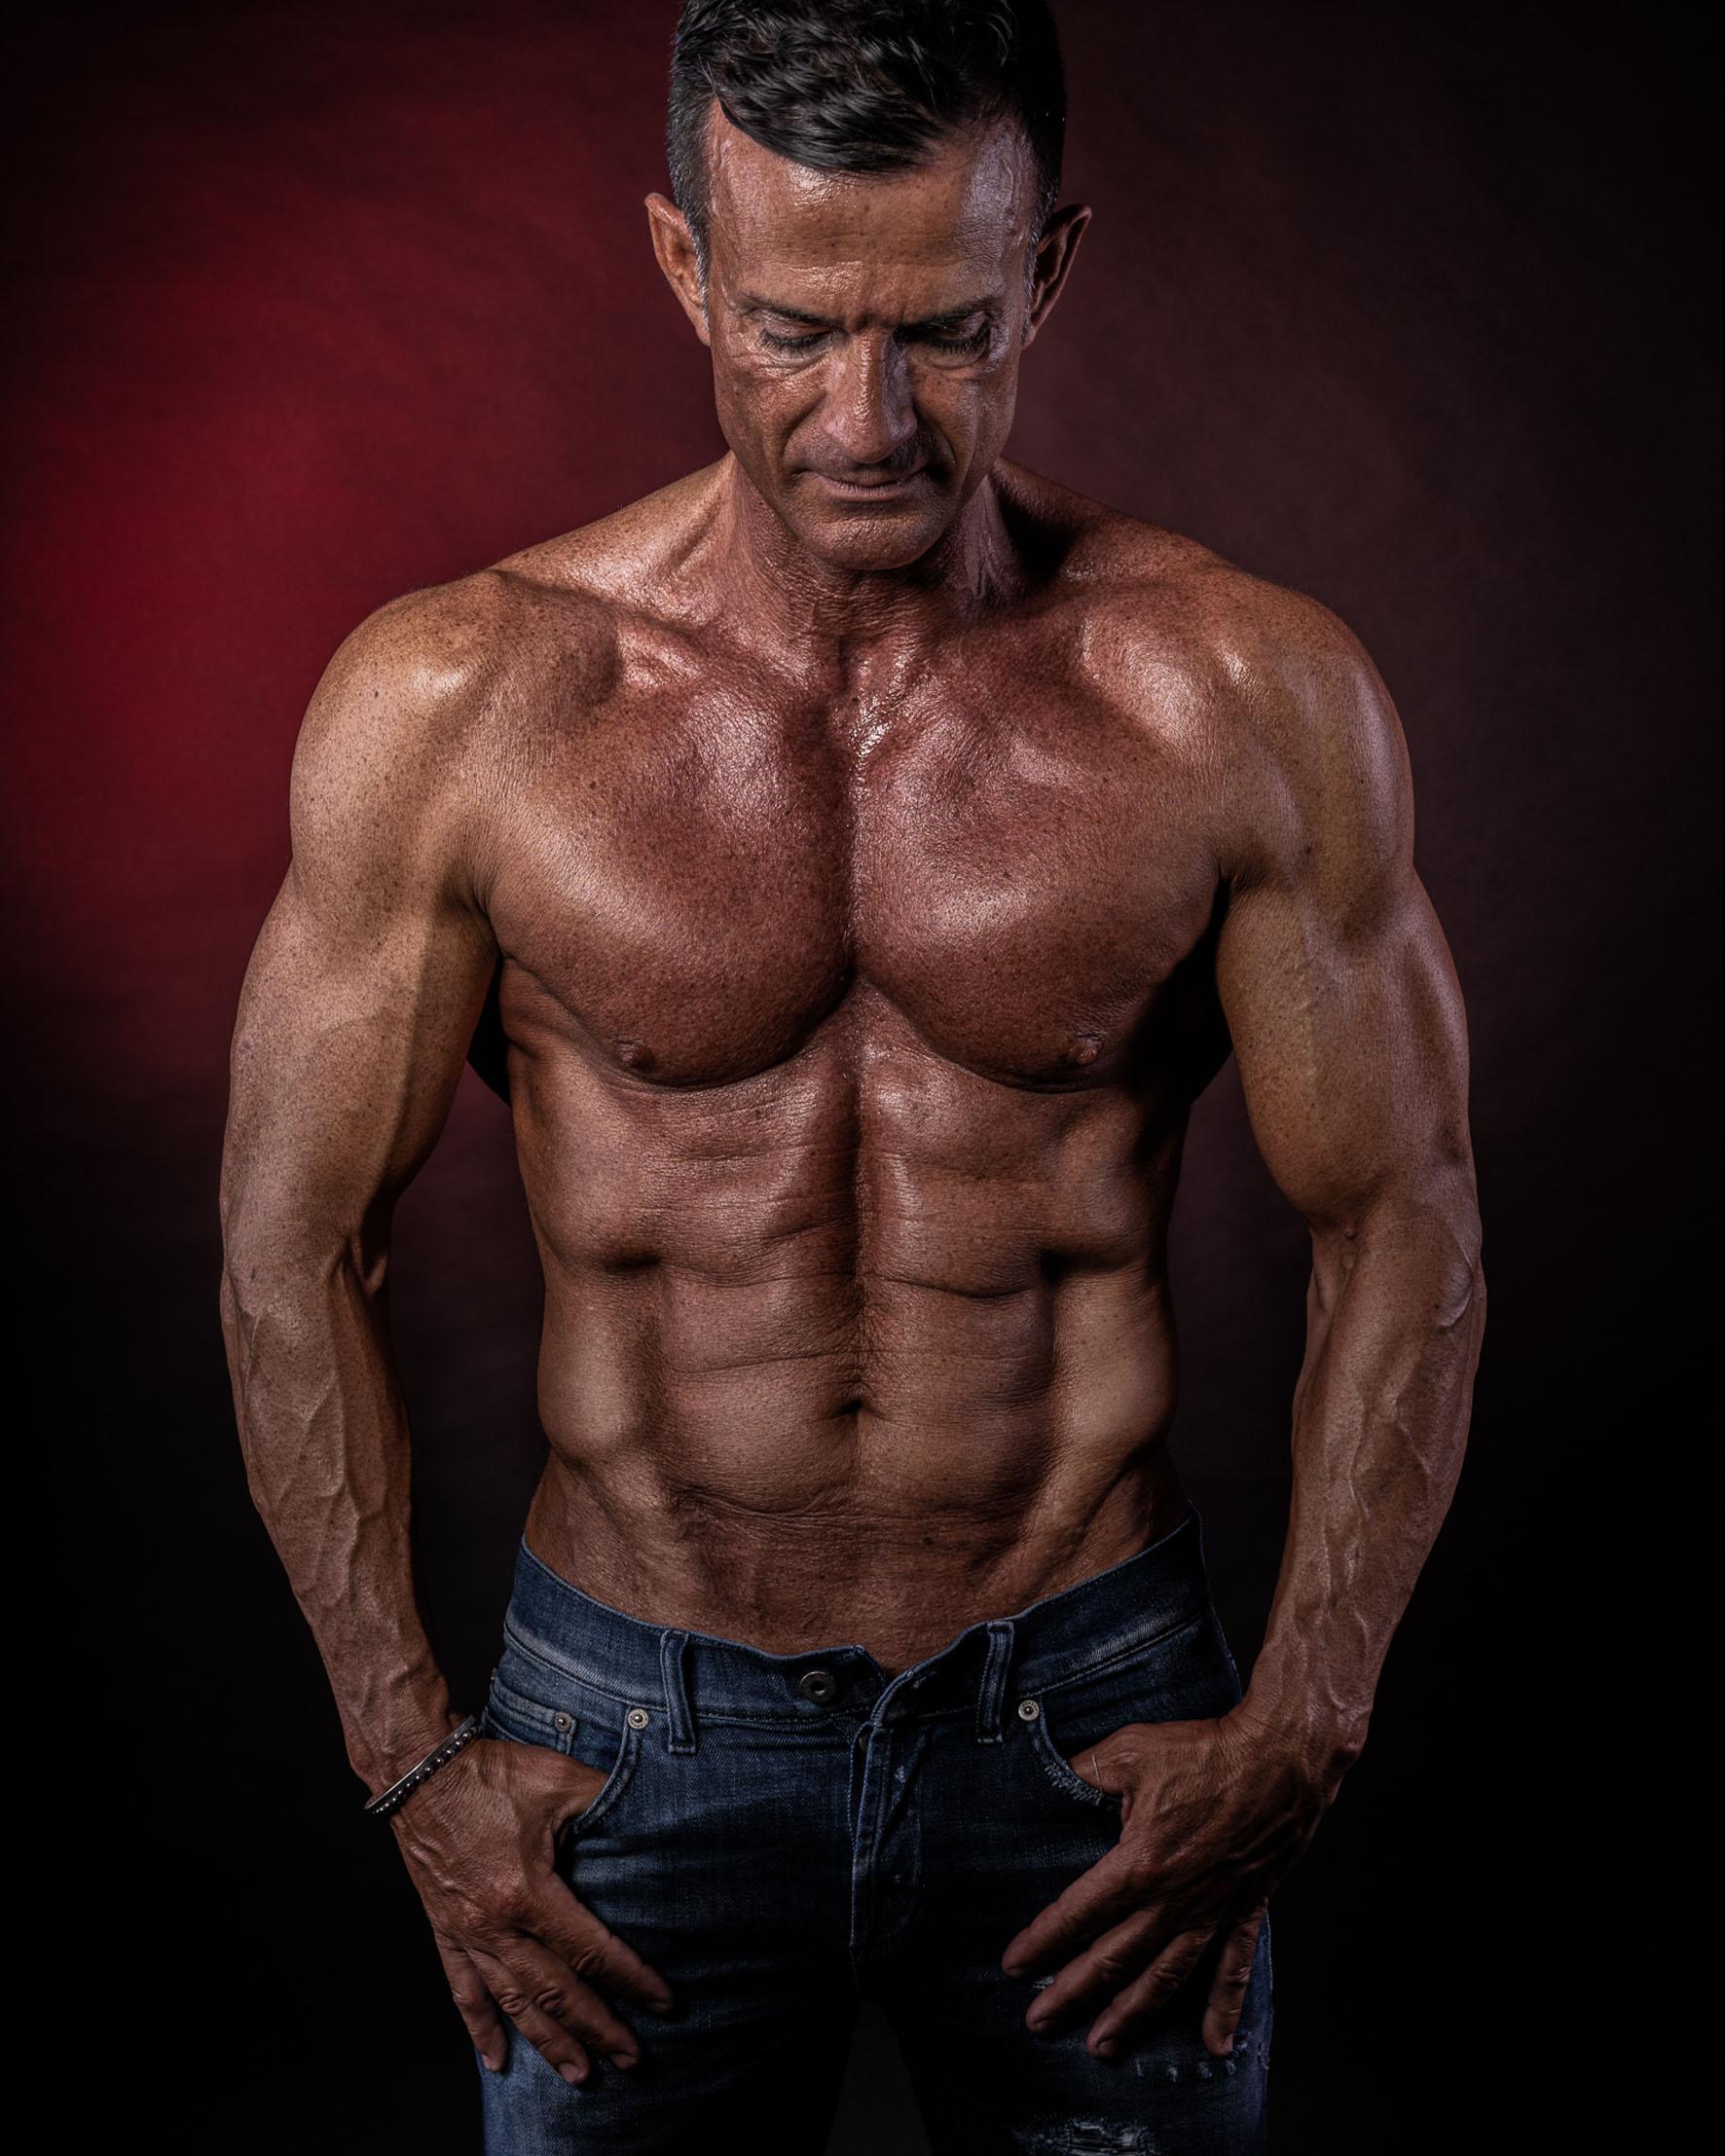 fotografo fitness servizio fotografico in studio con sfondo rosso e ragazzo muscoloso a torso nudo con addominale scolpito e blue jeans